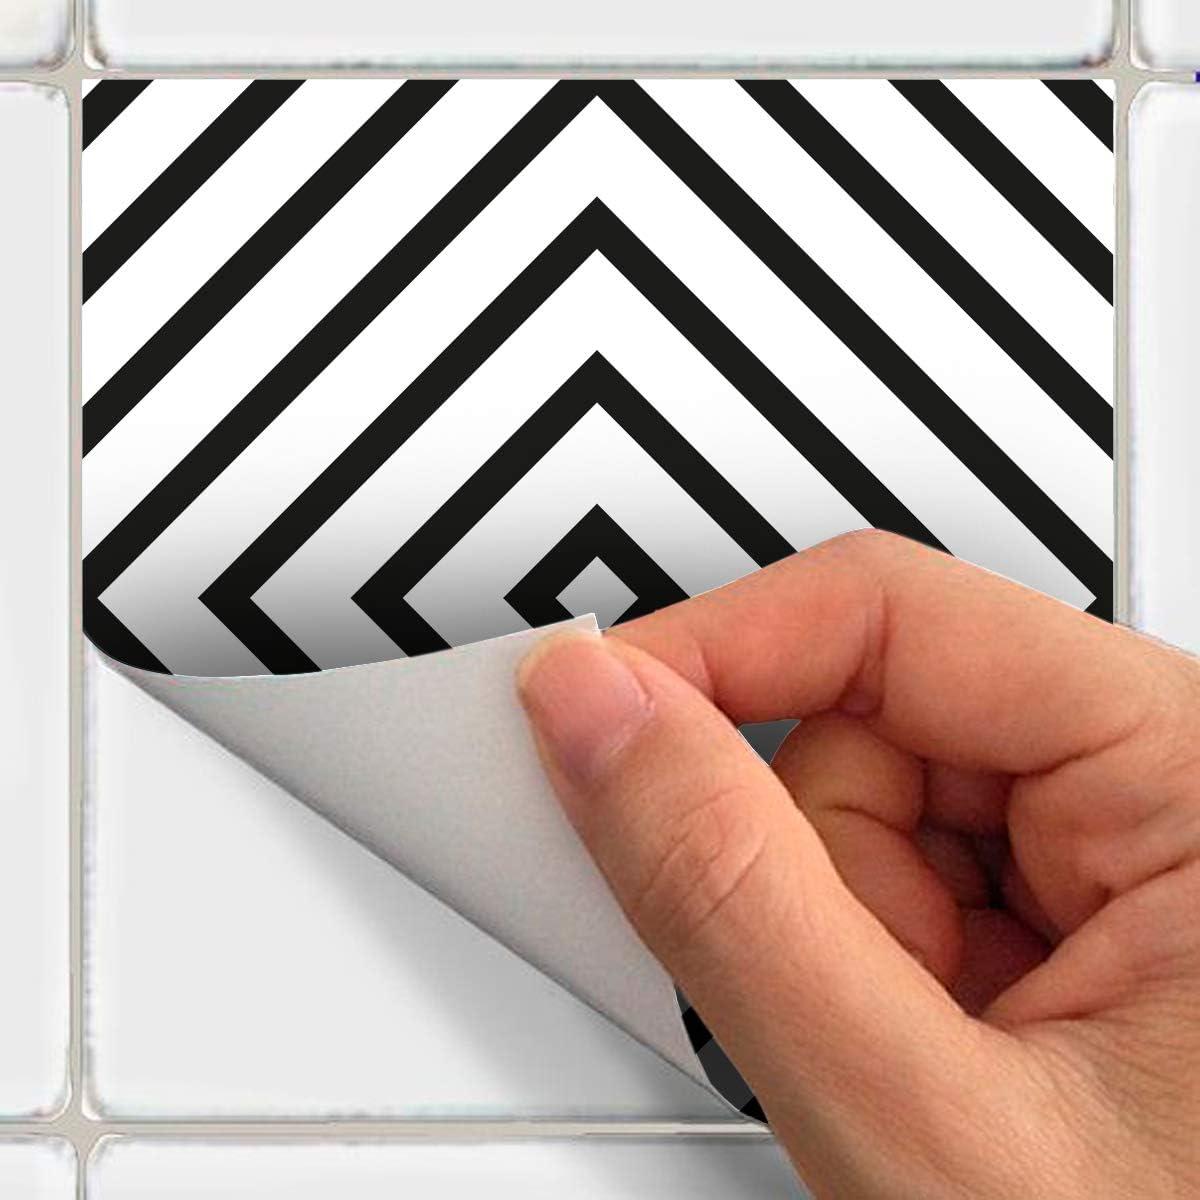 10 x 10 cm Ambiance-Live col-tiles-ROS-A977/_10x10cm Stickers carrelages Groenland Vinyle adh/ésif